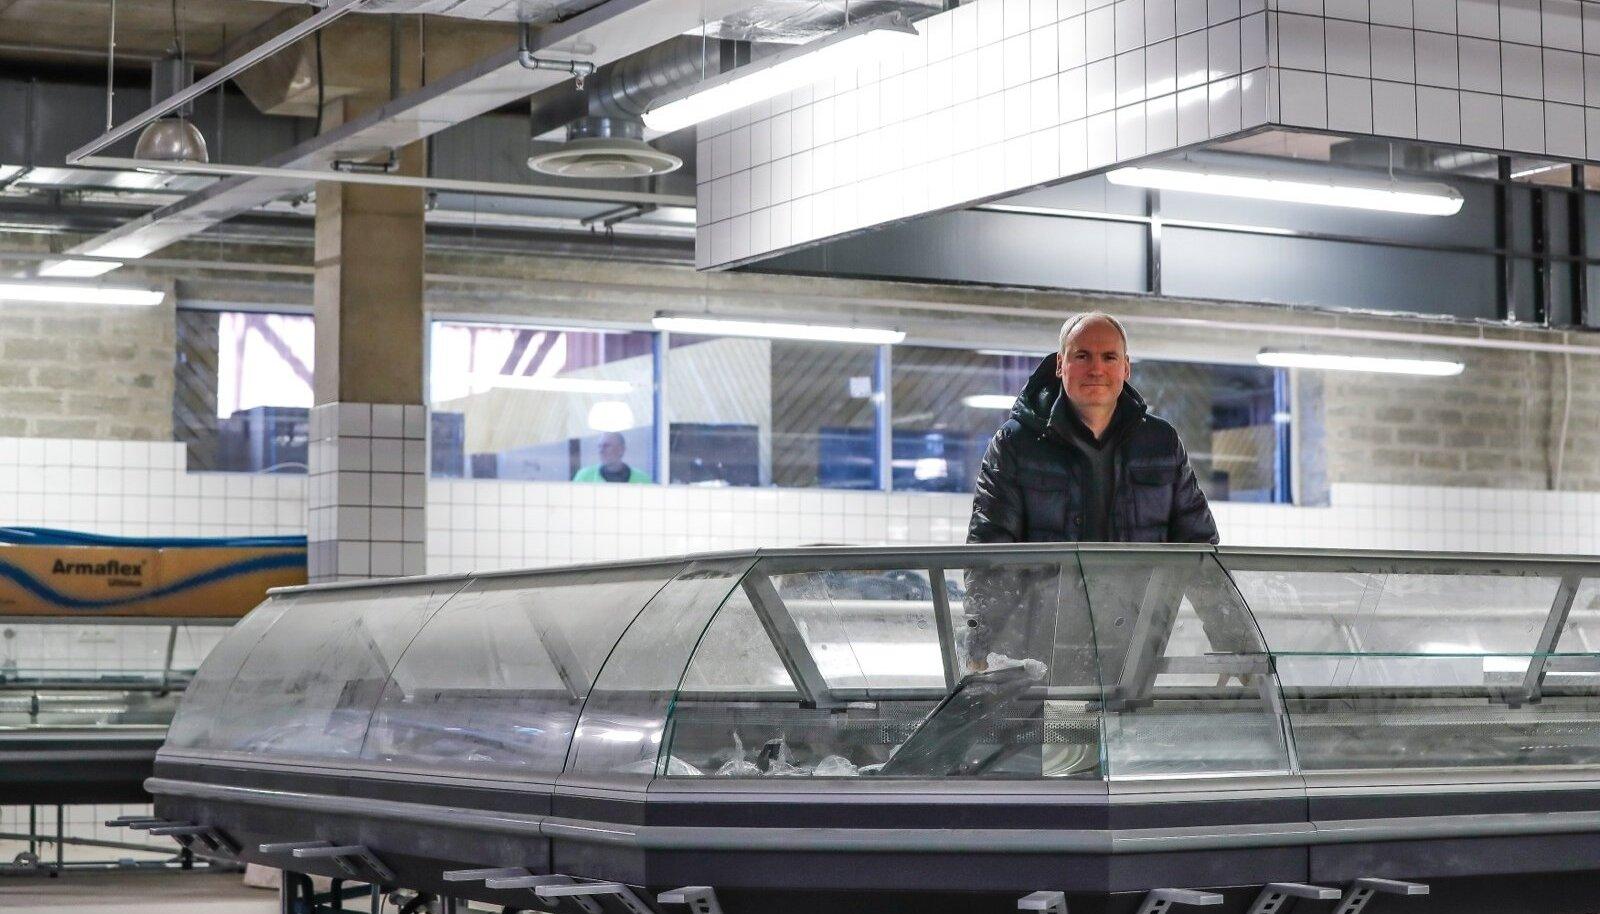 Eesti Lihatööstuse juhatuse liikme Mart Luige sõnul värbab ta lähiajal avatavale Balti jaama turule sama palju töötajaid, kui tegutseb Vastse-Kuuste tsehhis.